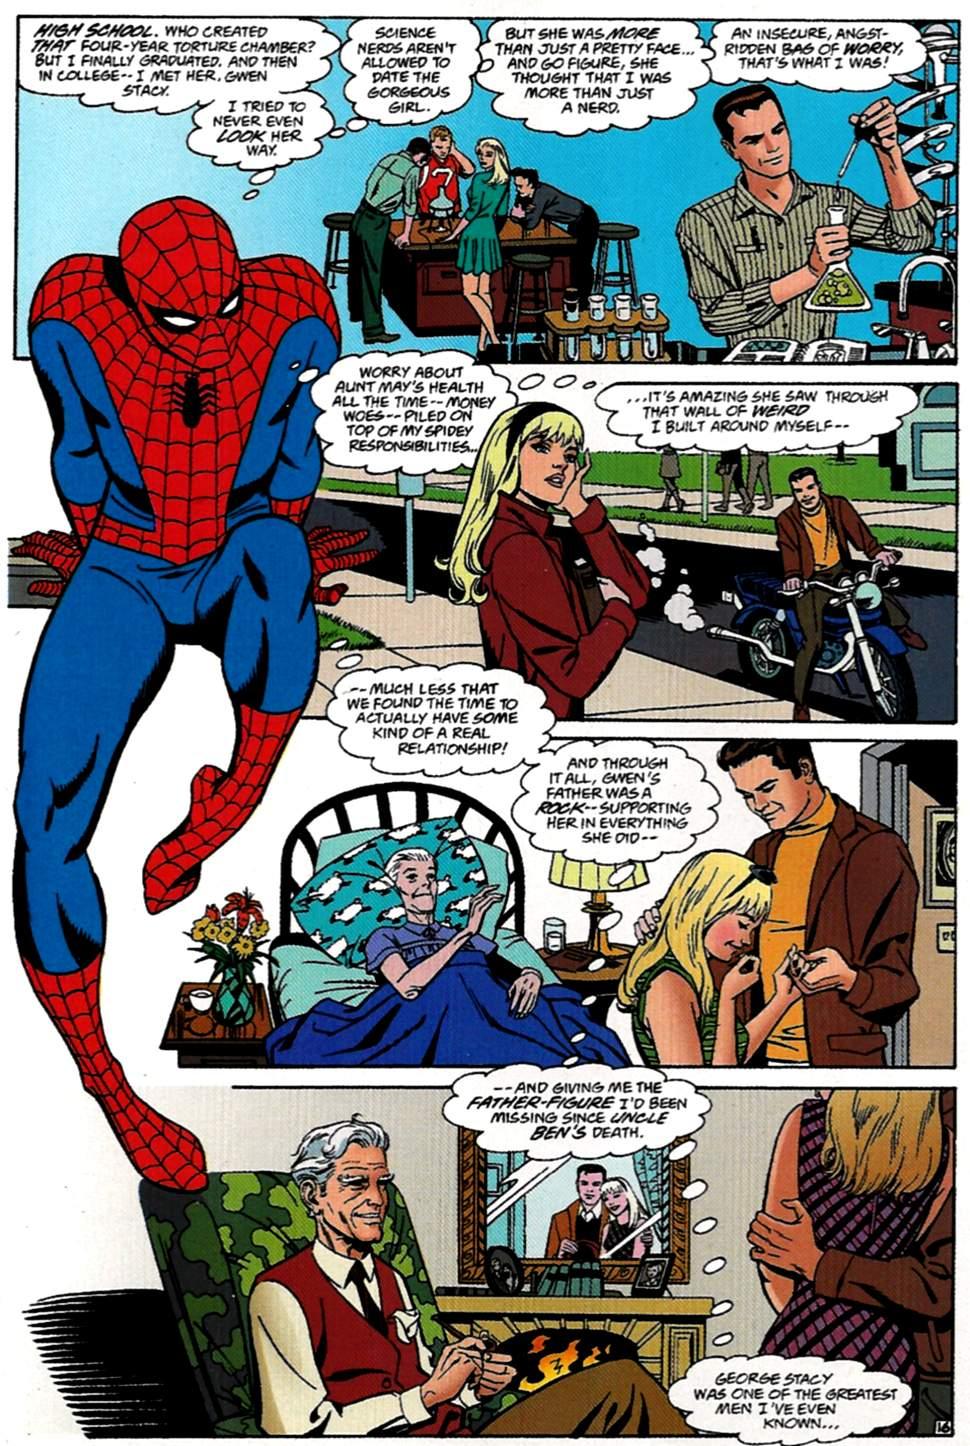 Read online Spider-Man: Lifeline comic -  Issue #1 - 17